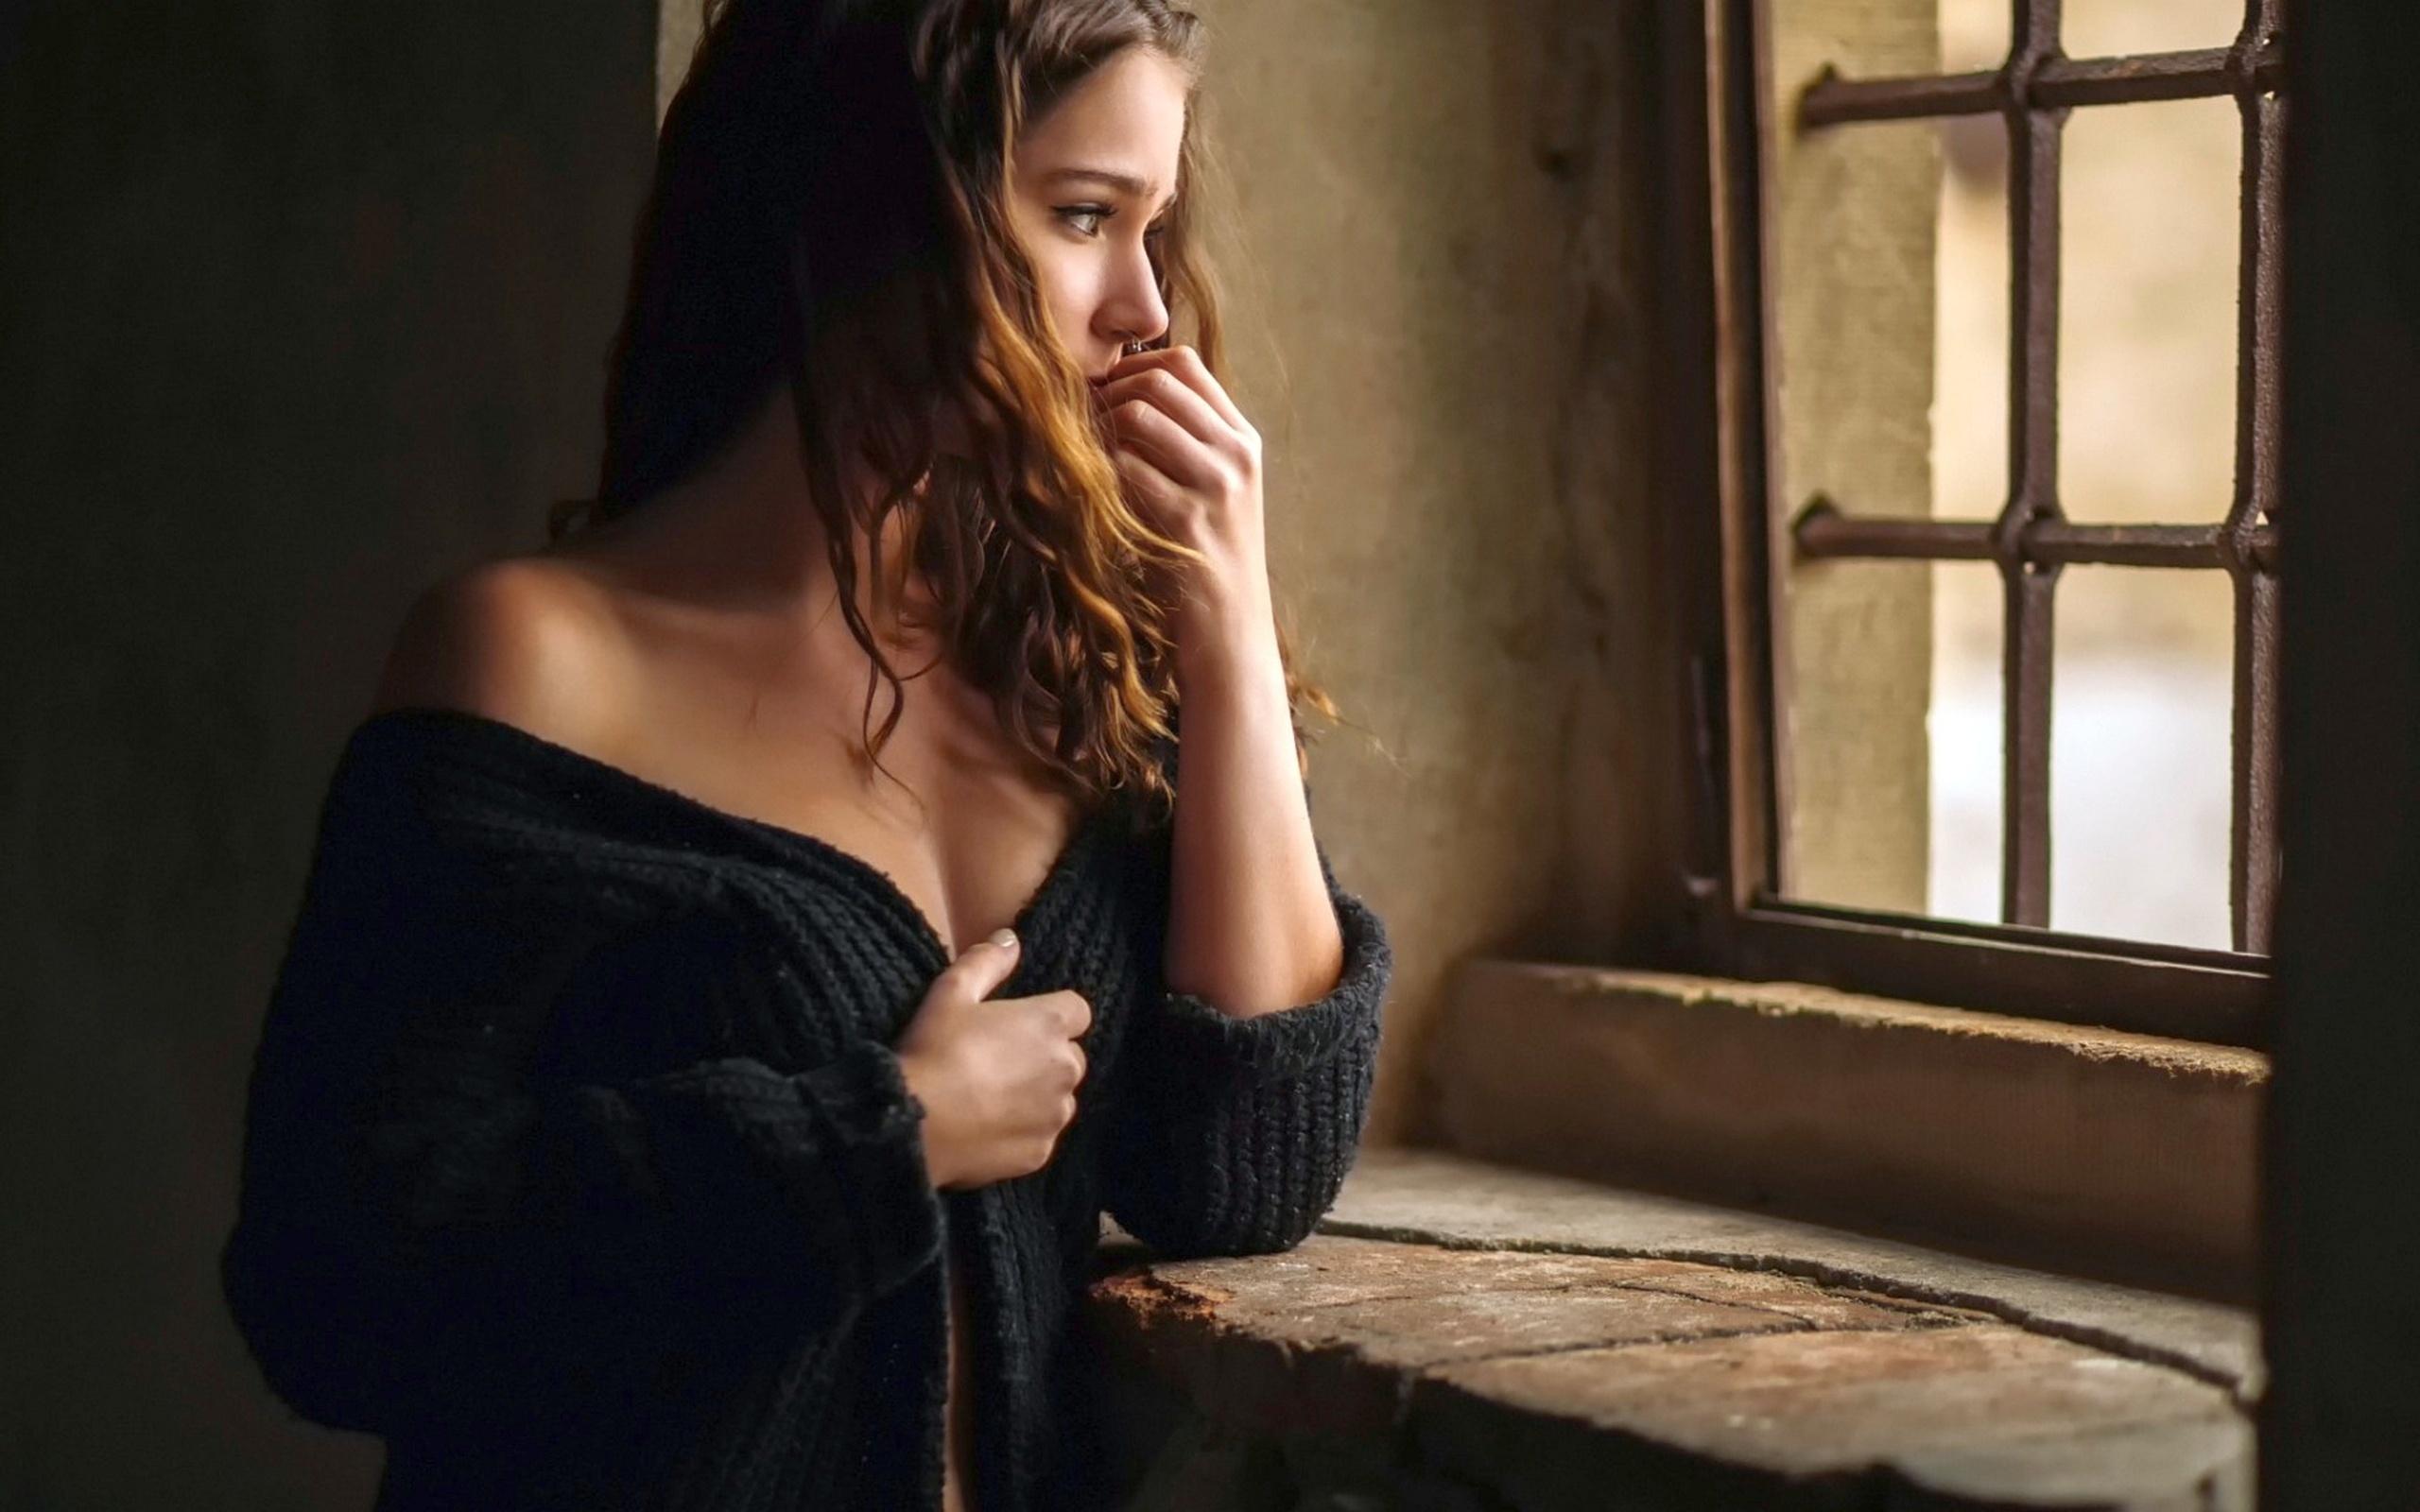 Девушка окно фото 26 фотография